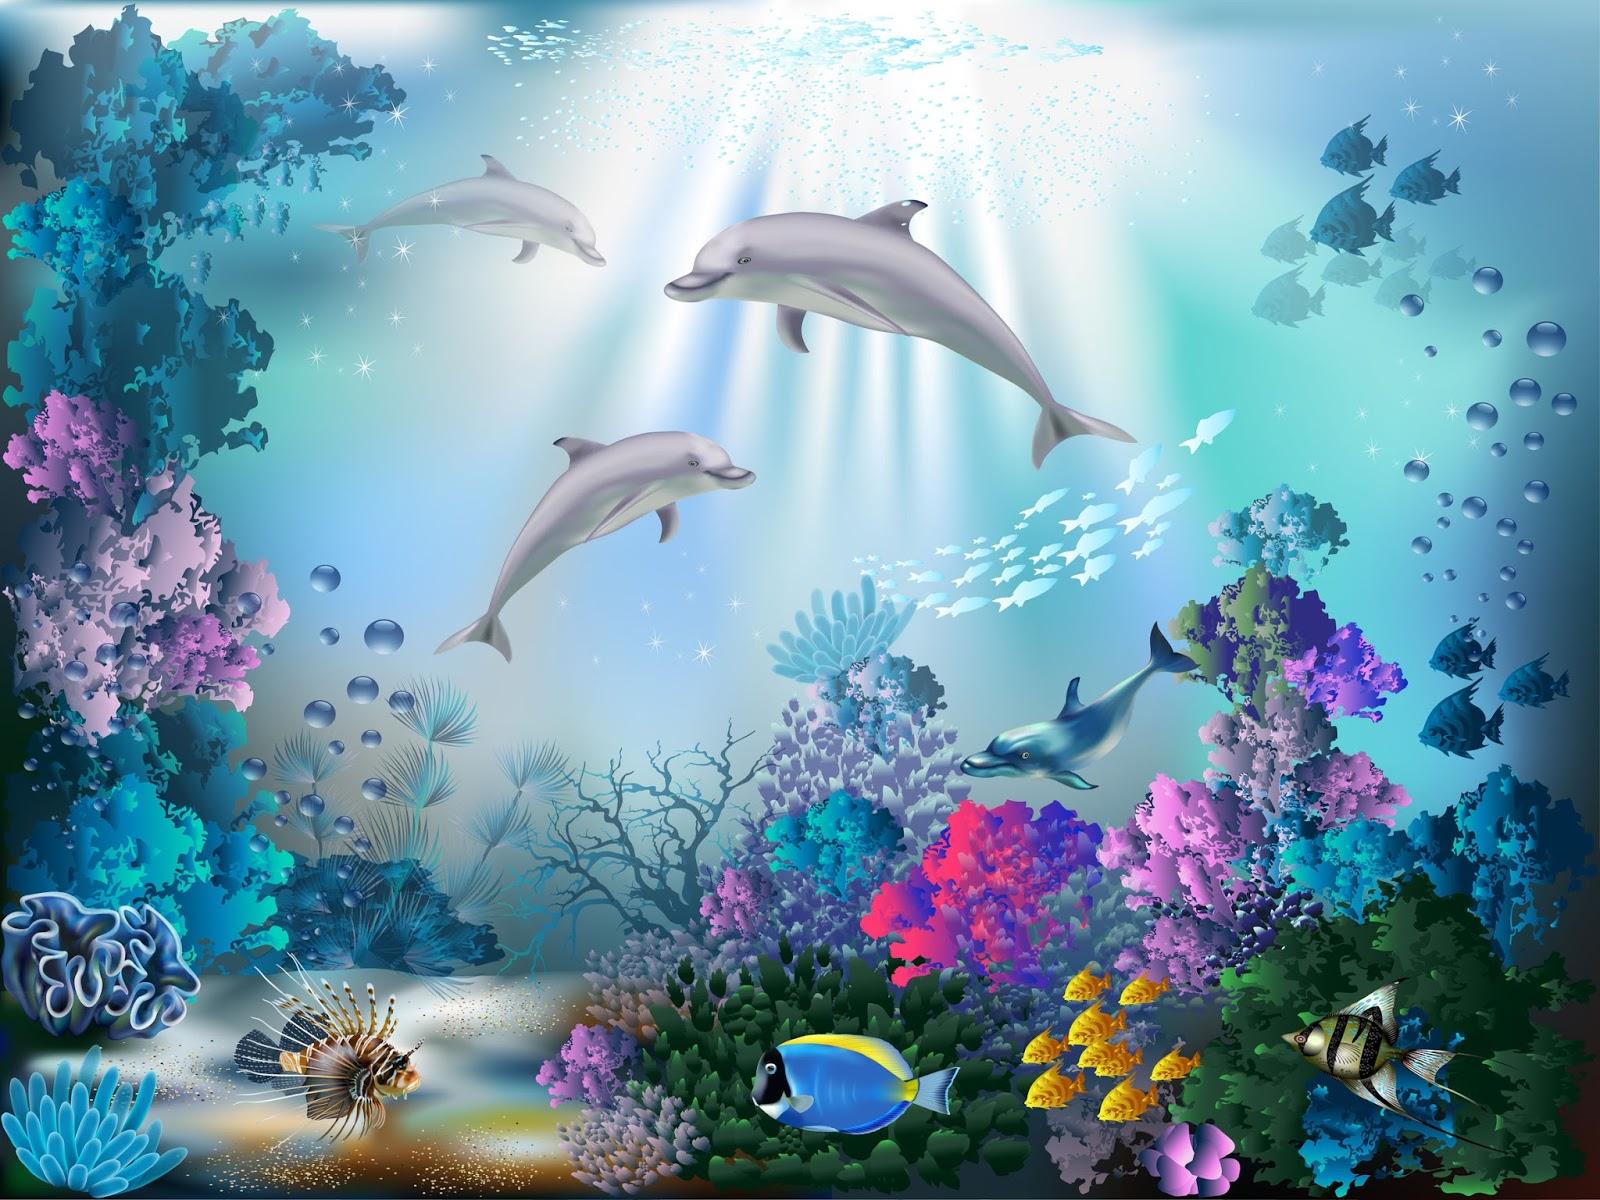 Banco de im genes fondo marino con peces de colores for Fondos animados de agua